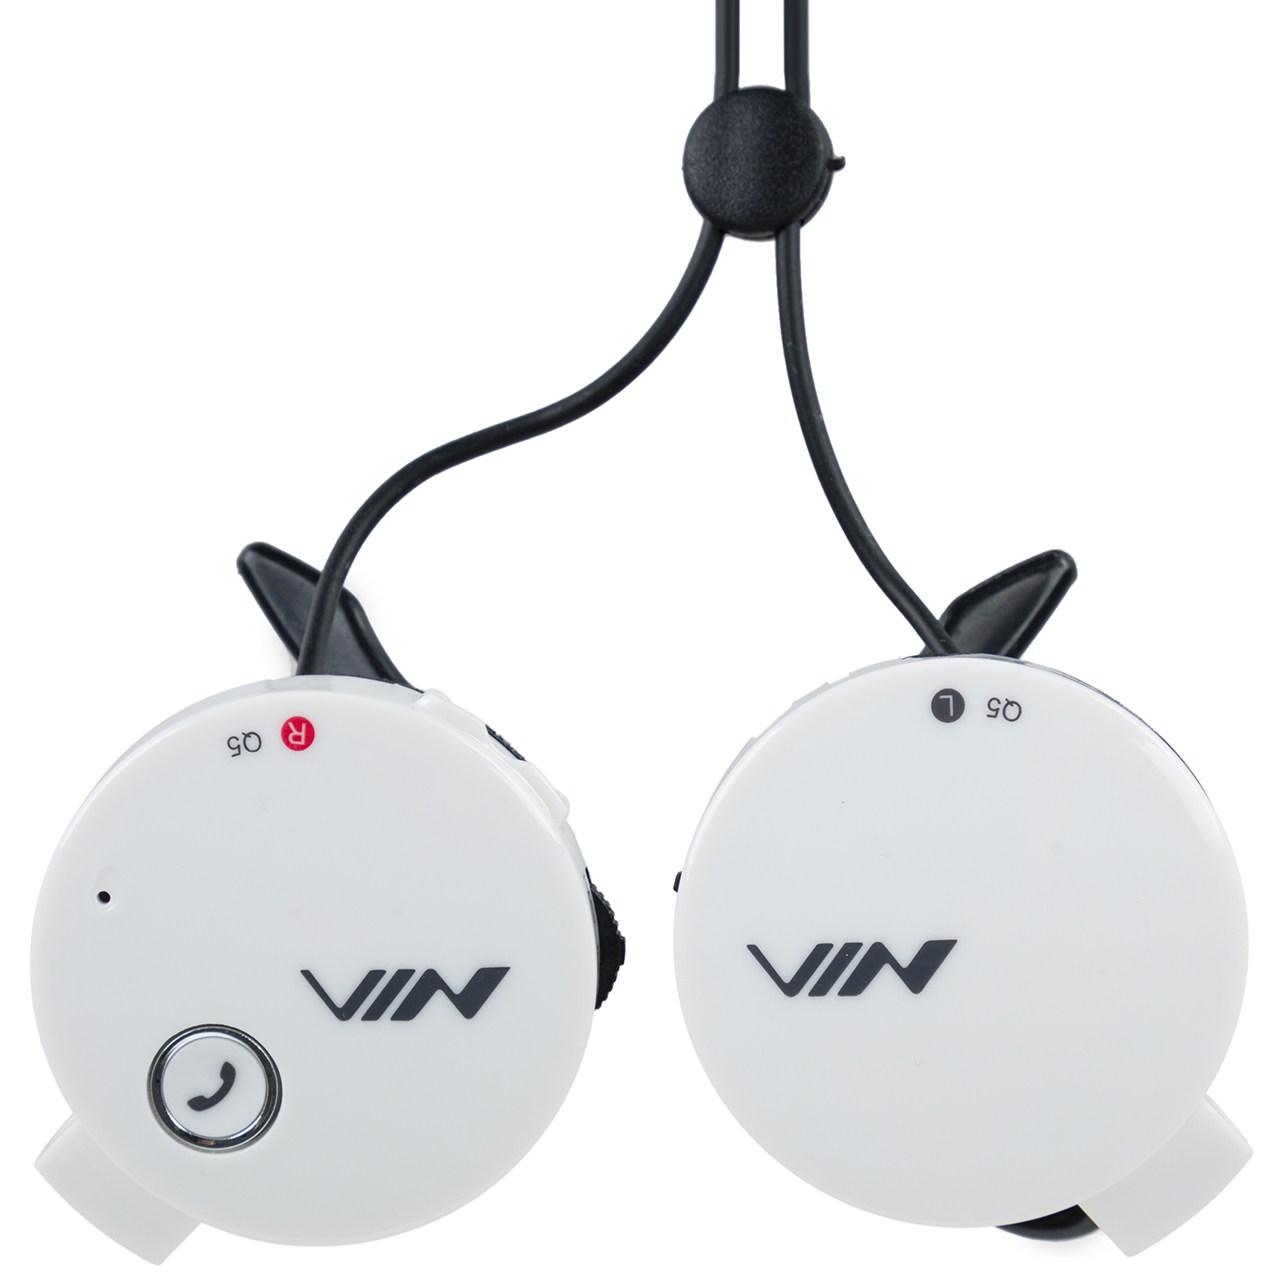 تصویر هدفون بی سیم نیا مدل Q5 NIA Q5 Wireless Headphones